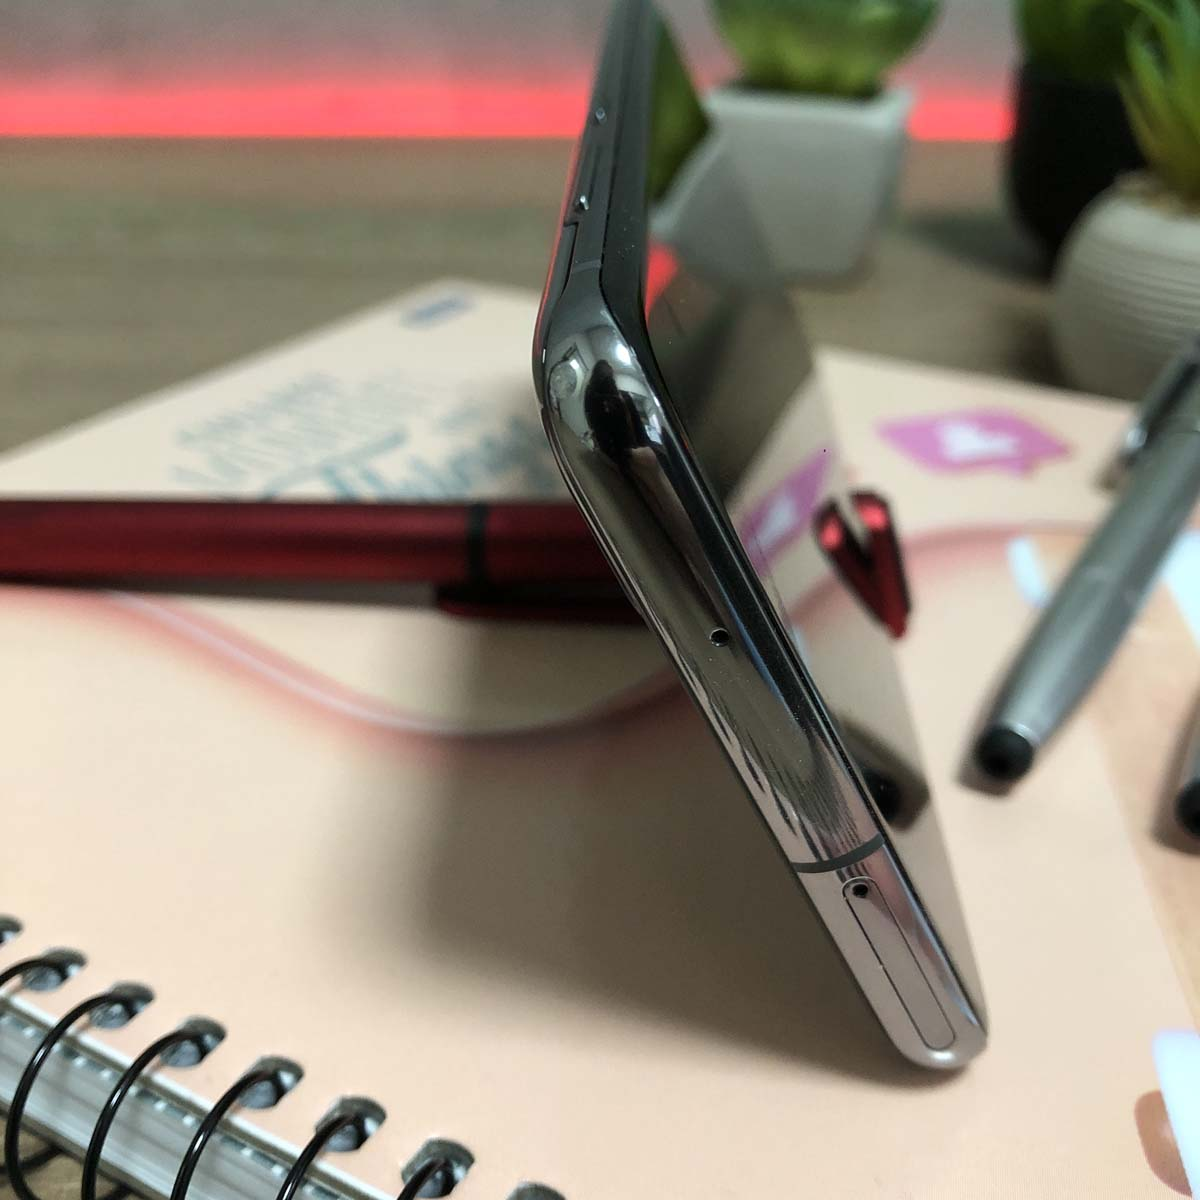 Caneta 4 em 1 Touch com suporte para Celular limpa tela Prata